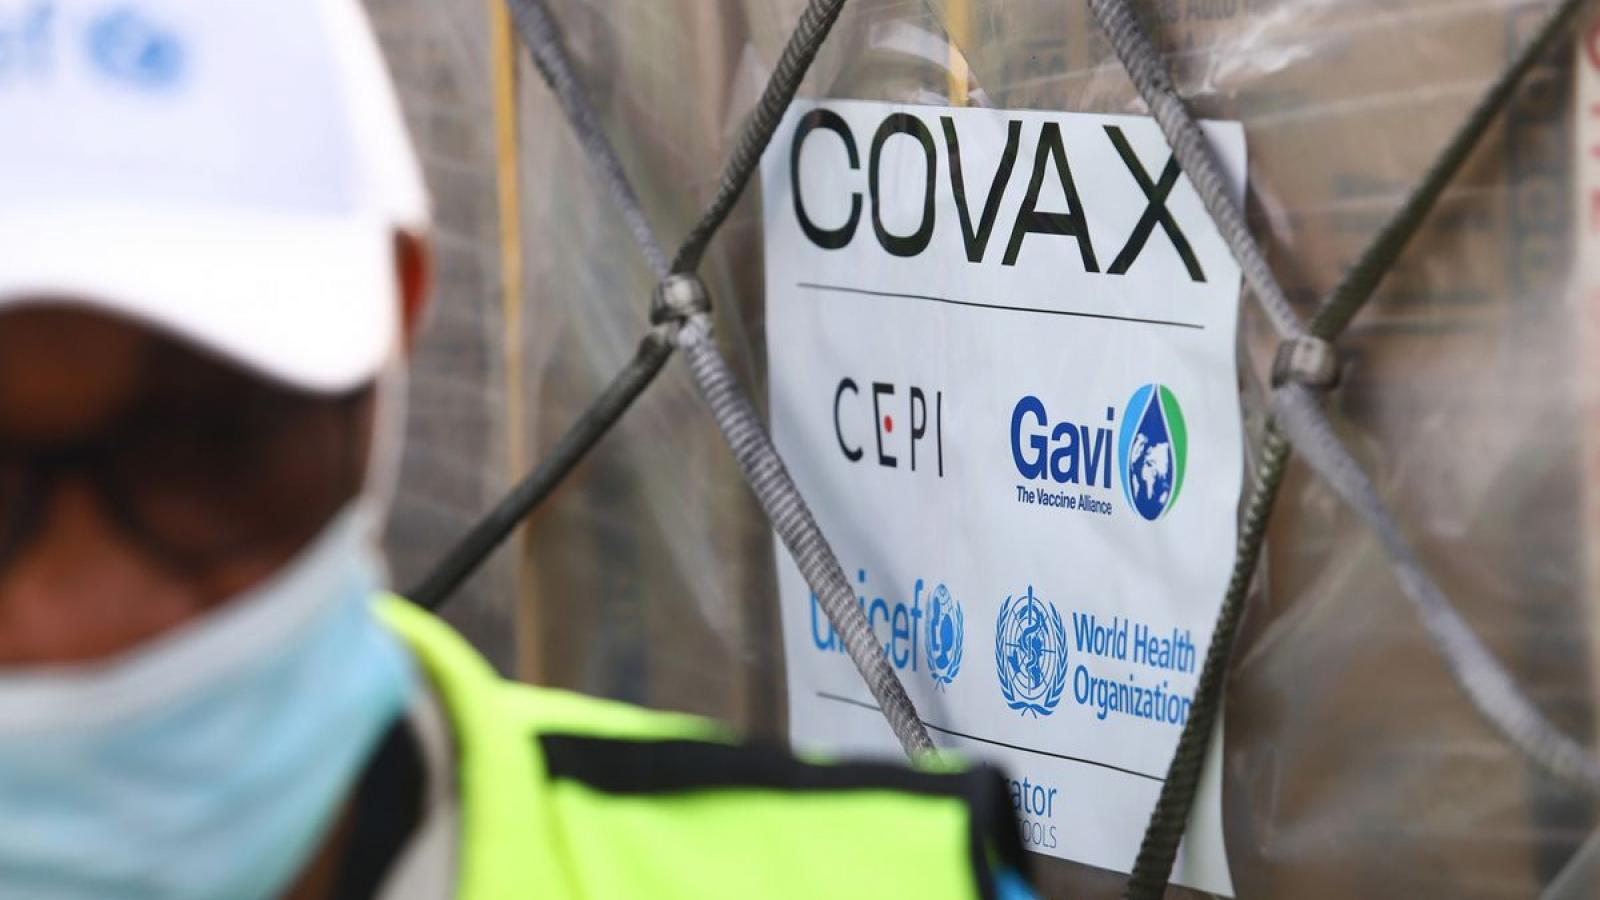 Việt Nam tích cực trao đổi với Mỹ và COVAX để sớm tiếp nhận vaccine Covid-19